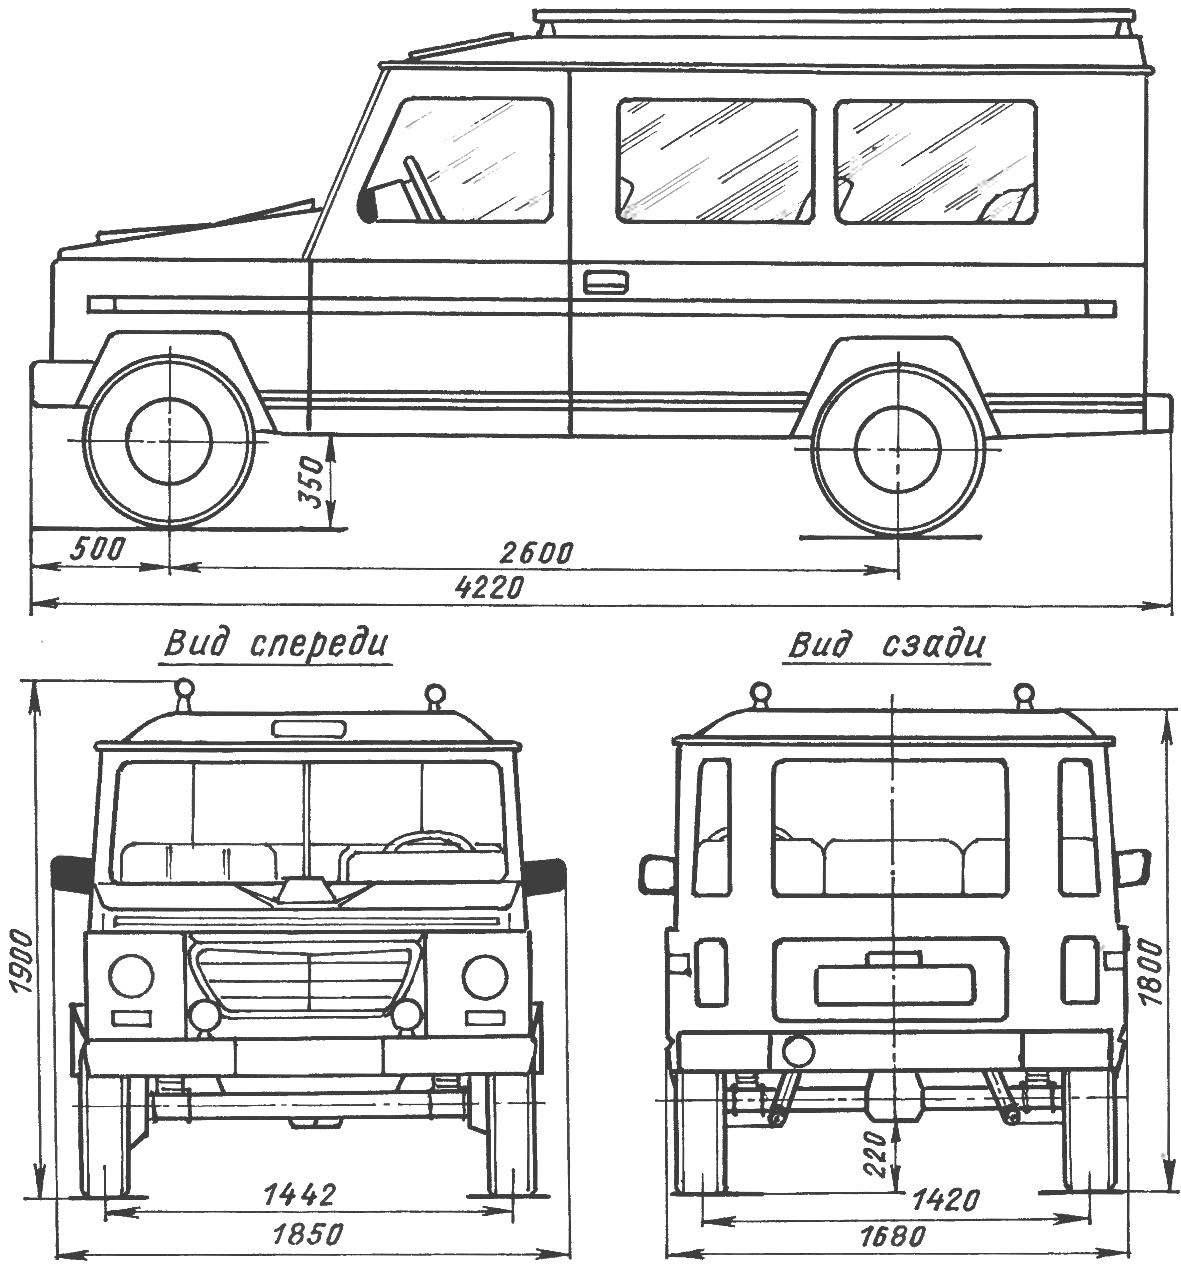 Геометрическая схема автомобиля